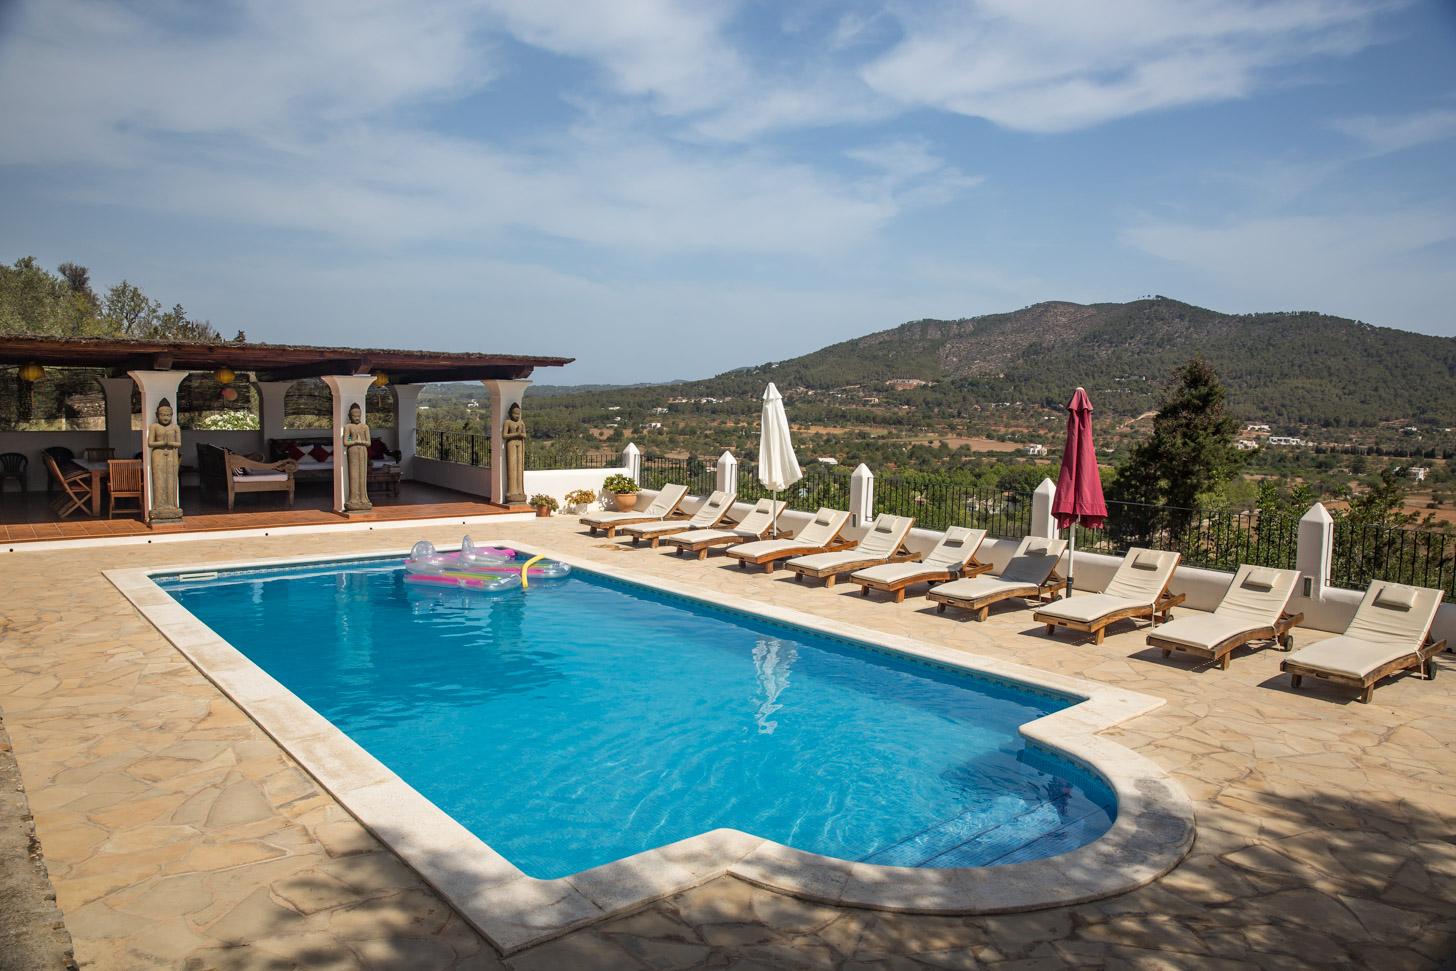 Vakantievilla met eigen zwembad